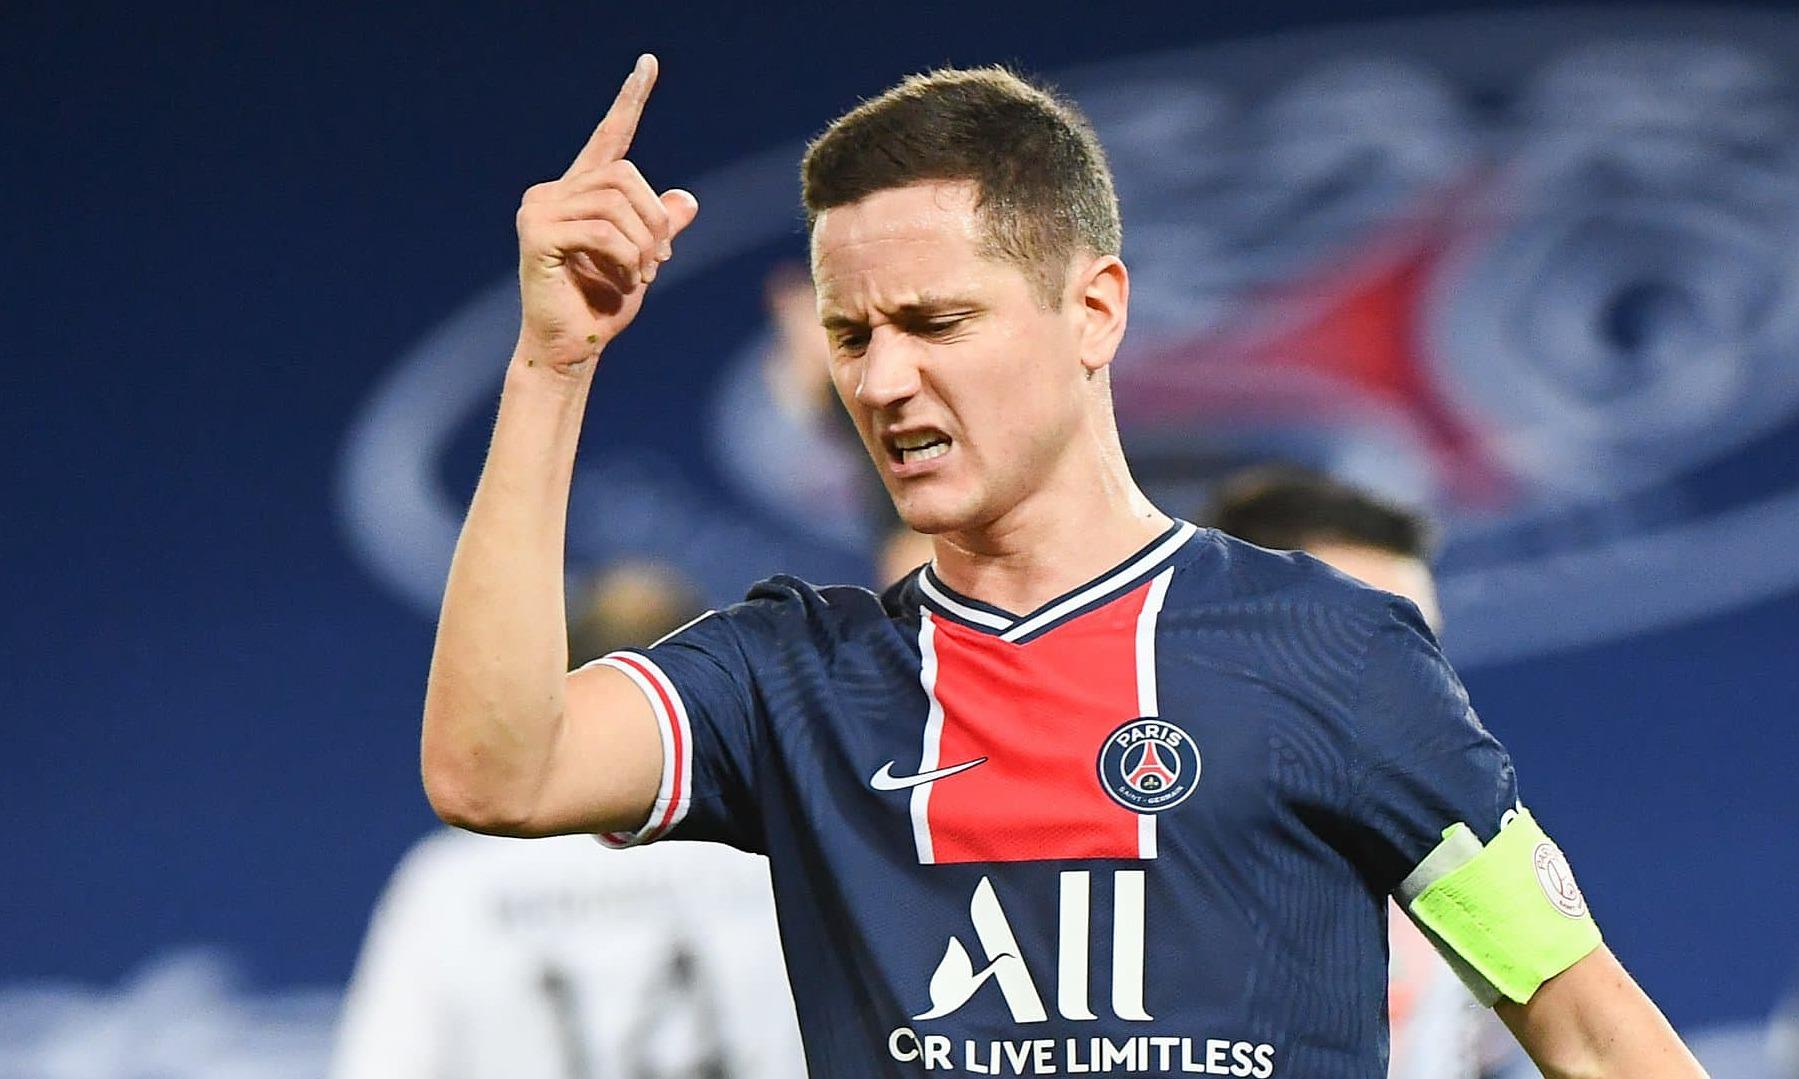 Đội hình tiêu biểu vòng 8 Ligue 1: Cựu sao Man United, nỗi buồn Payet - Bóng Đá